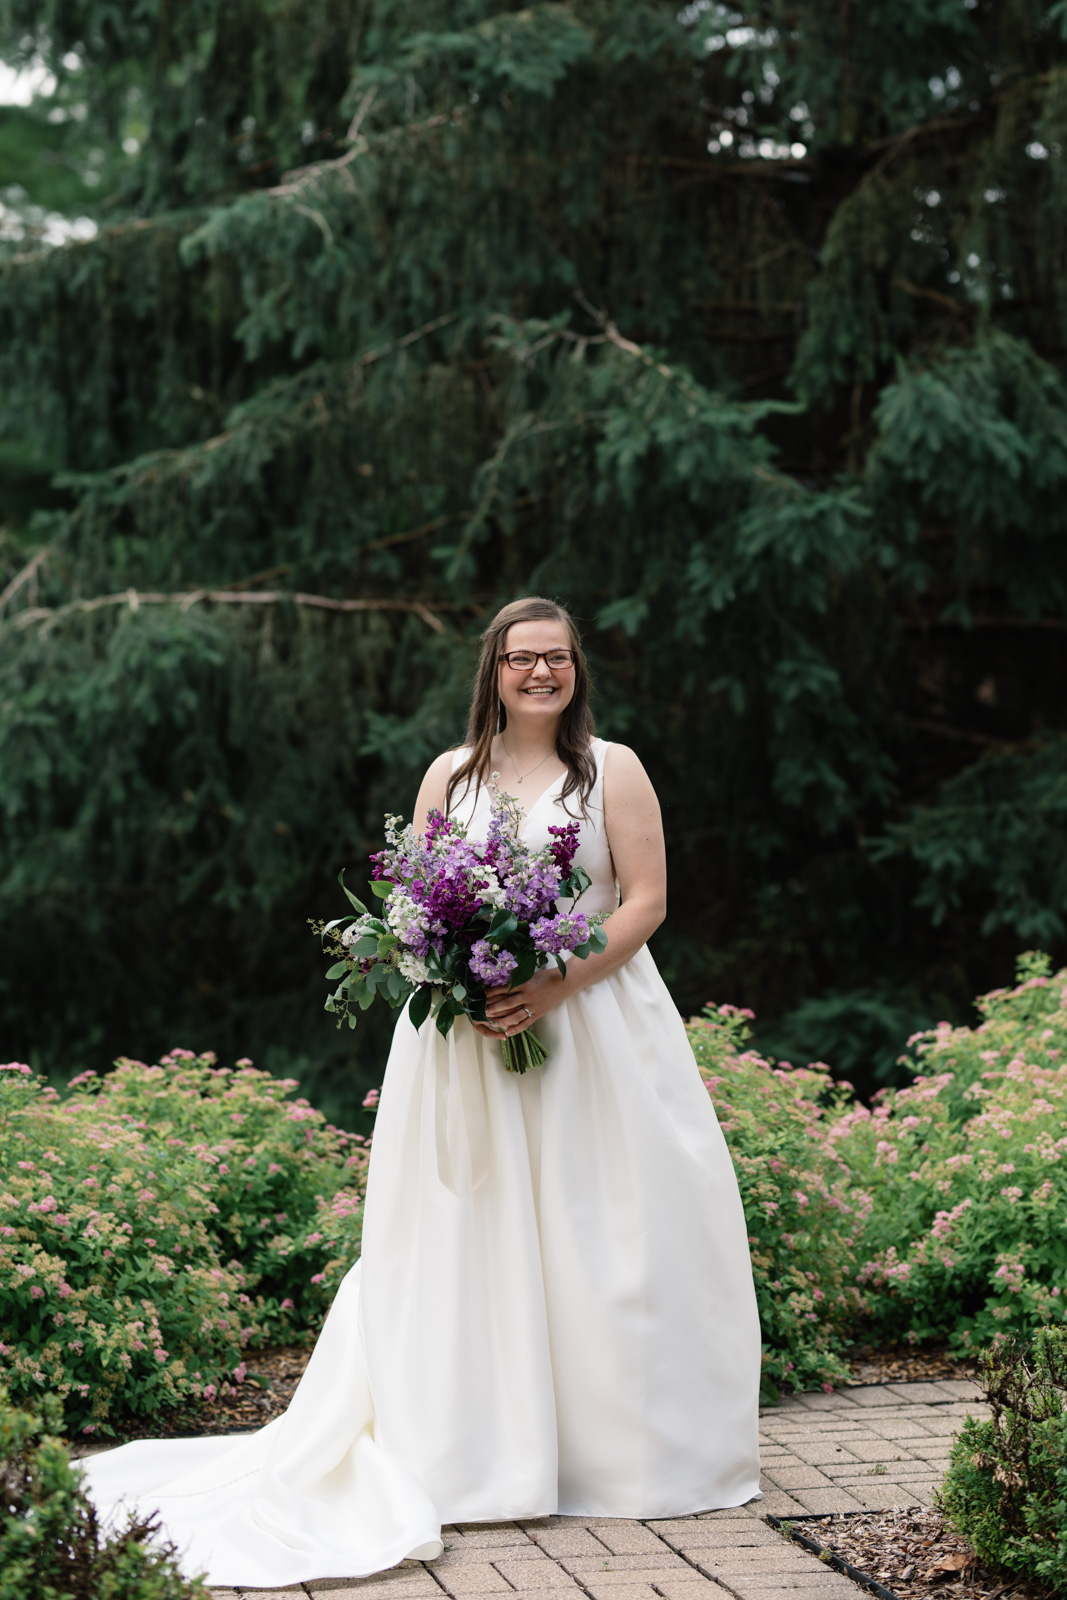 bride holding purple flower bouquet wartburg college wedding